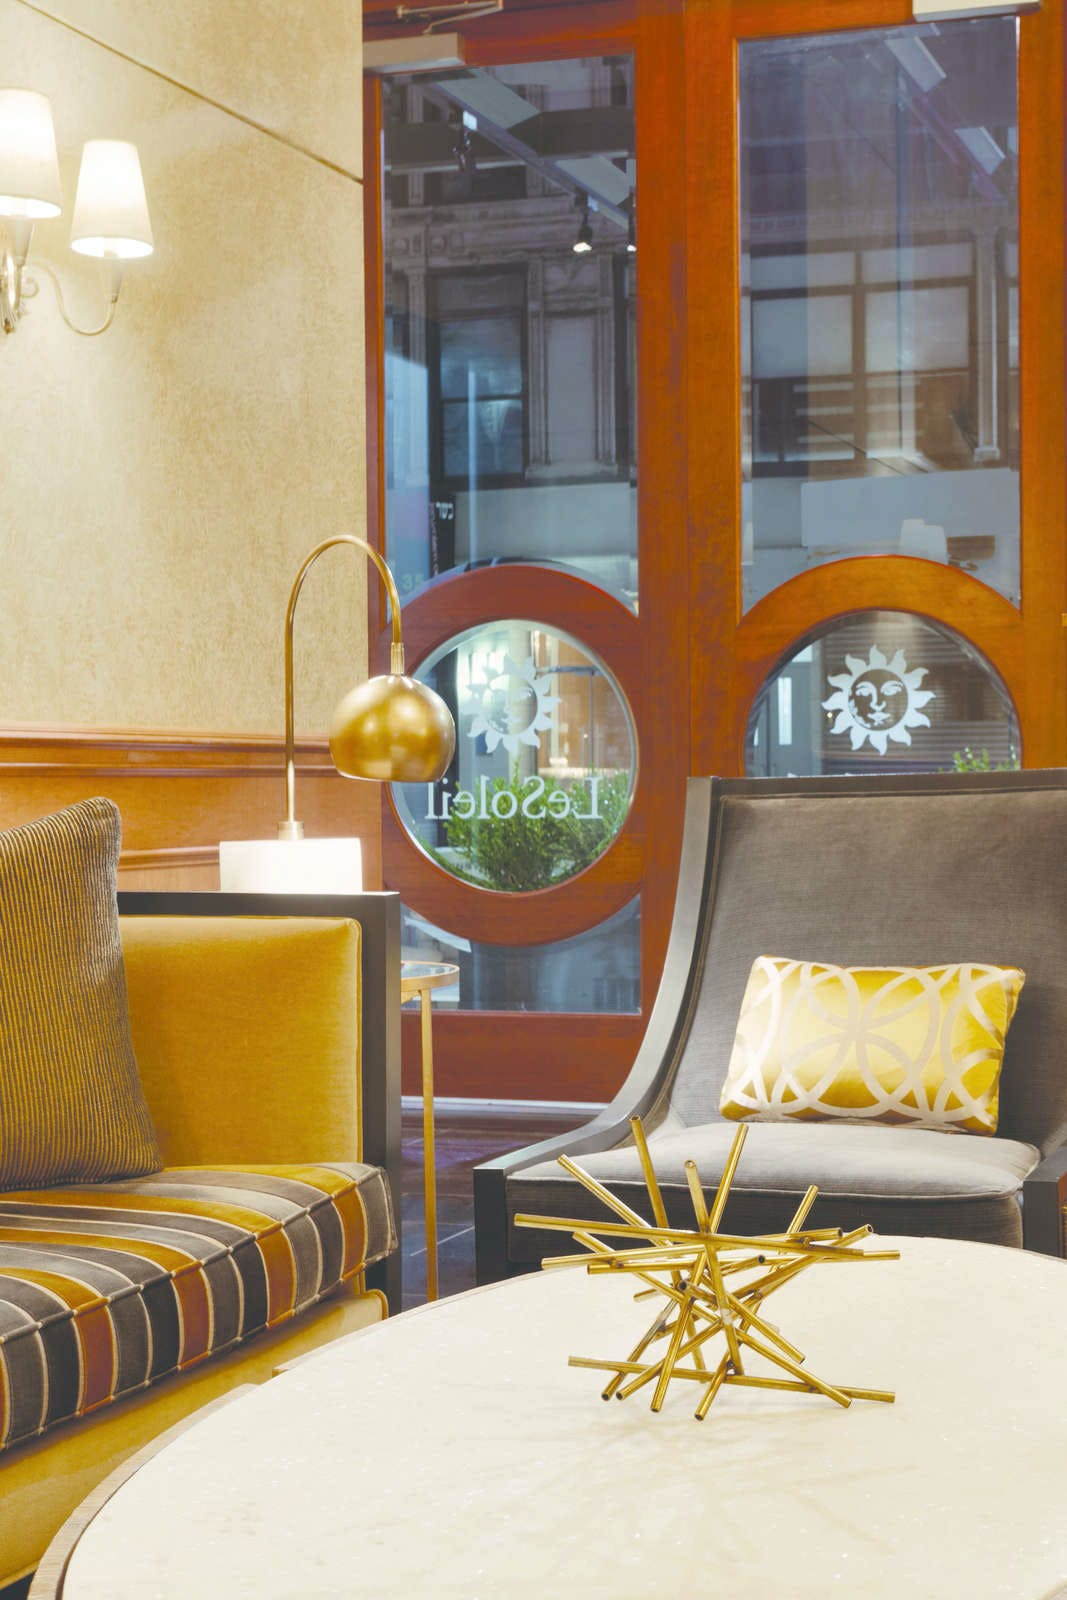 Executive Hotel Le Soleil NY